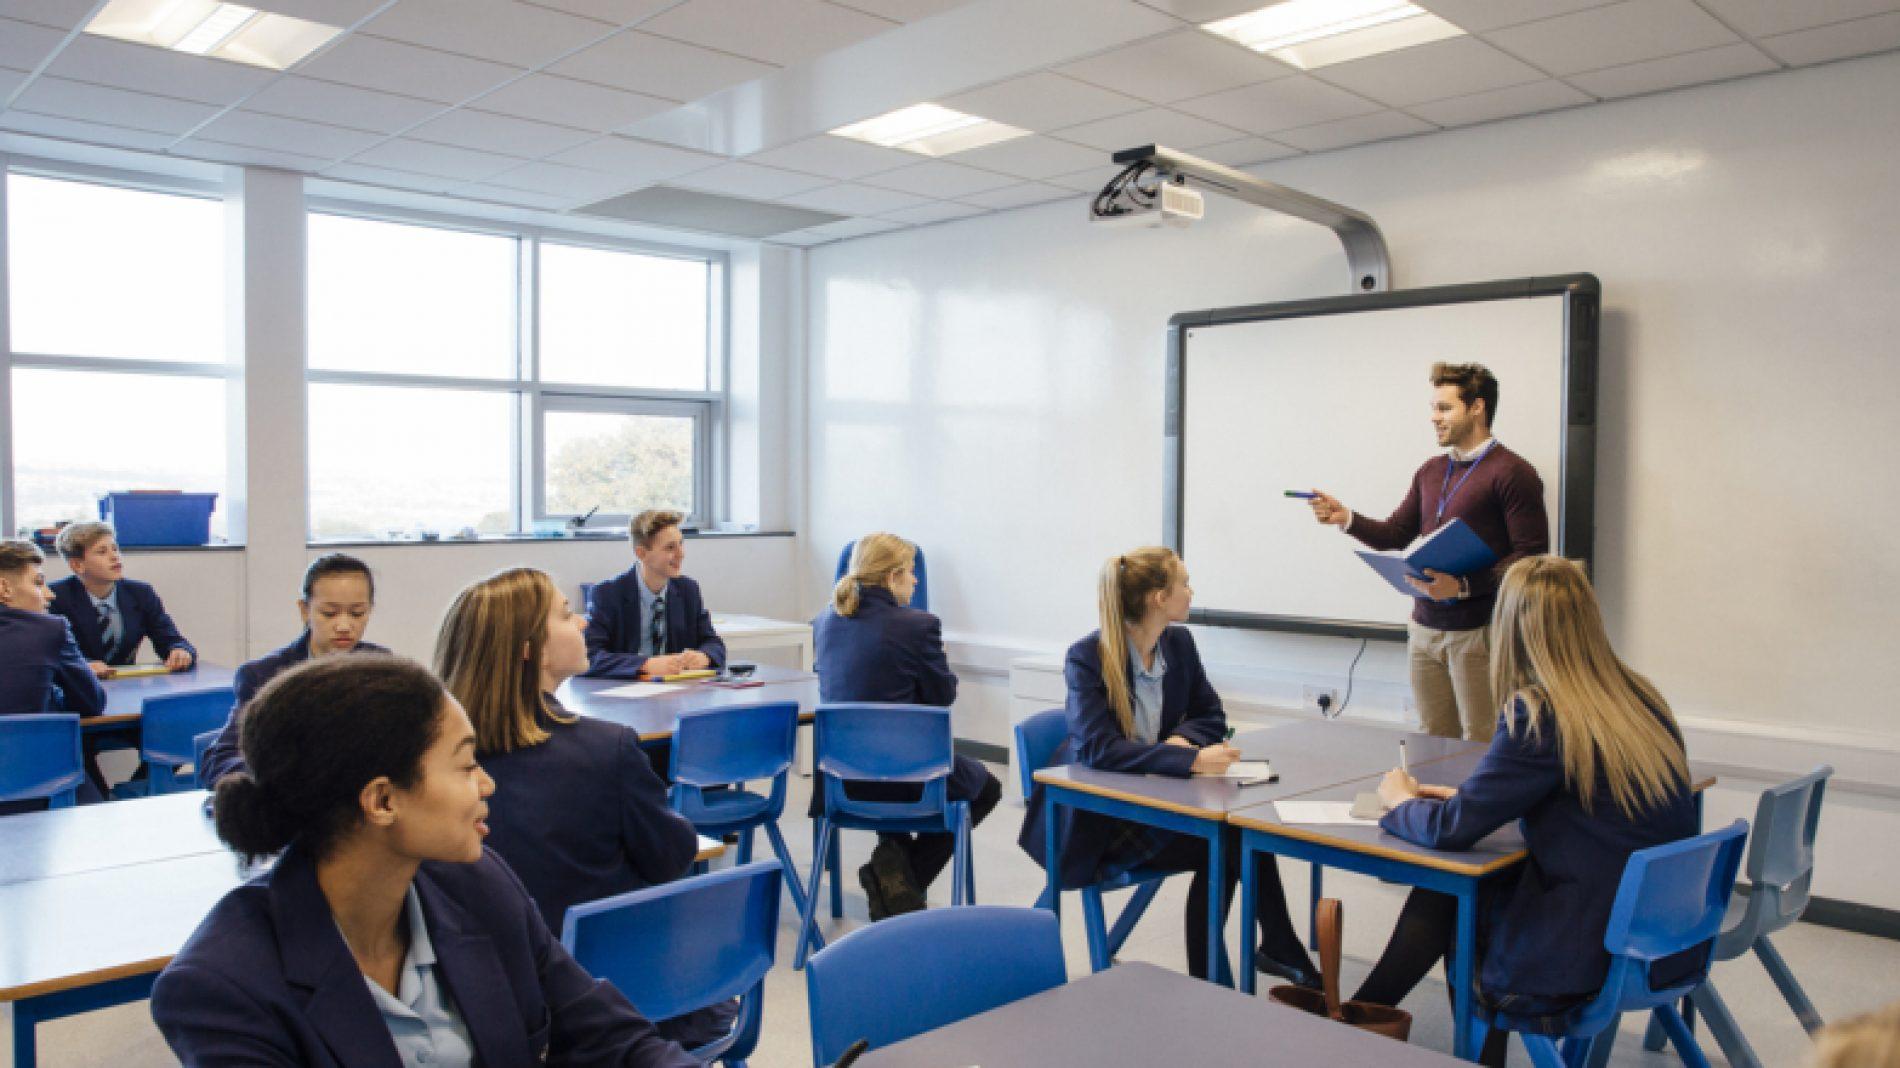 expelled_school-NTHnnV